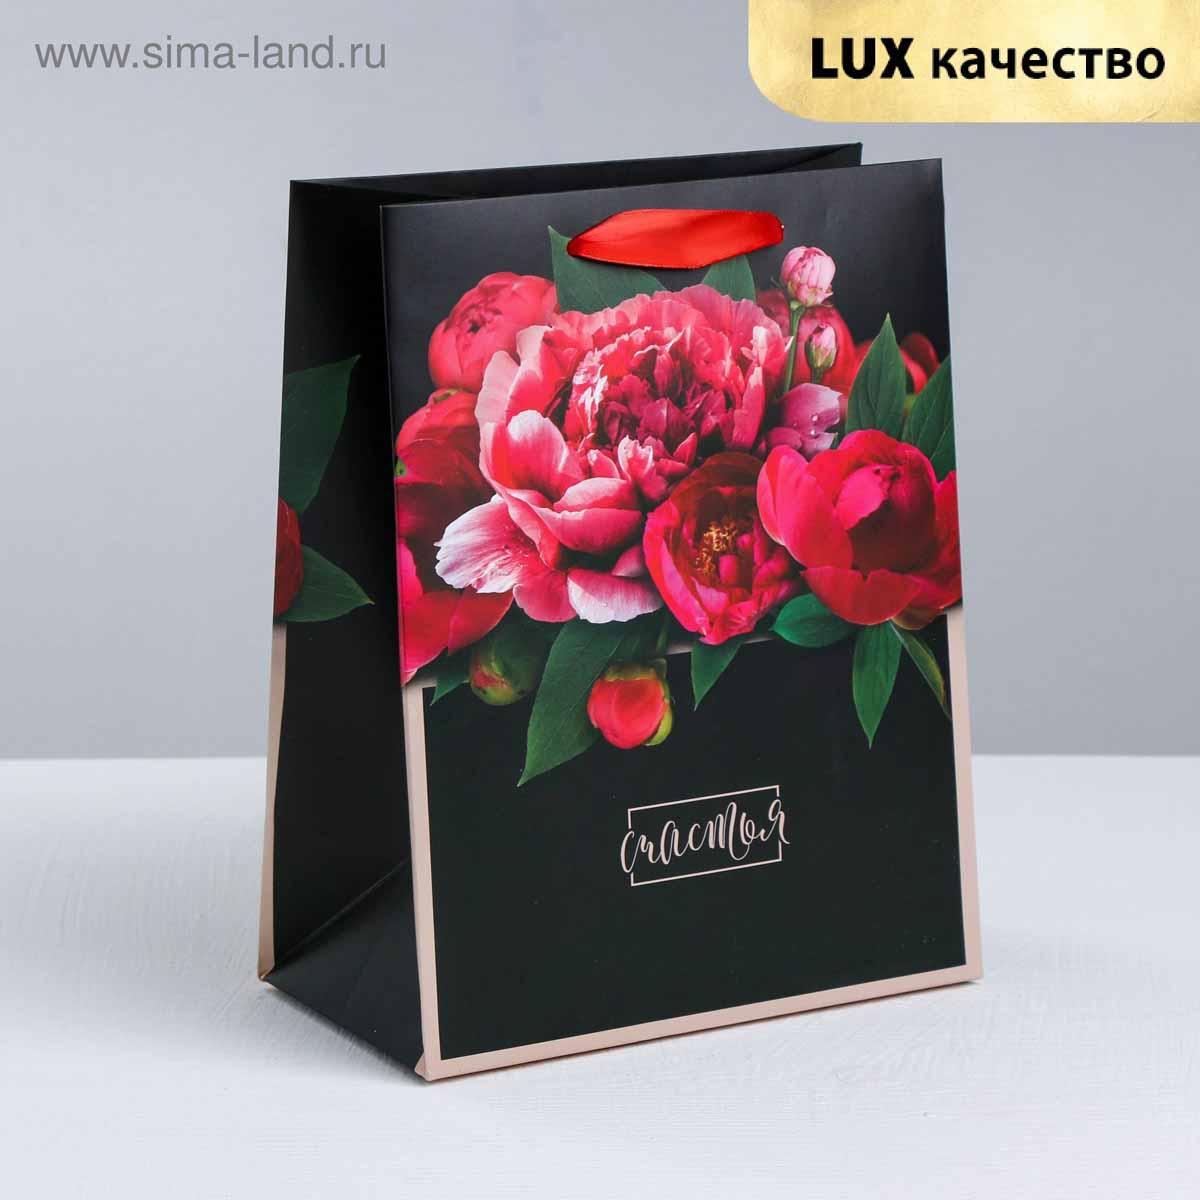 3680643 Пакет ламинированный вертикальный «Цветочные чувства», MS 18*23*10 см